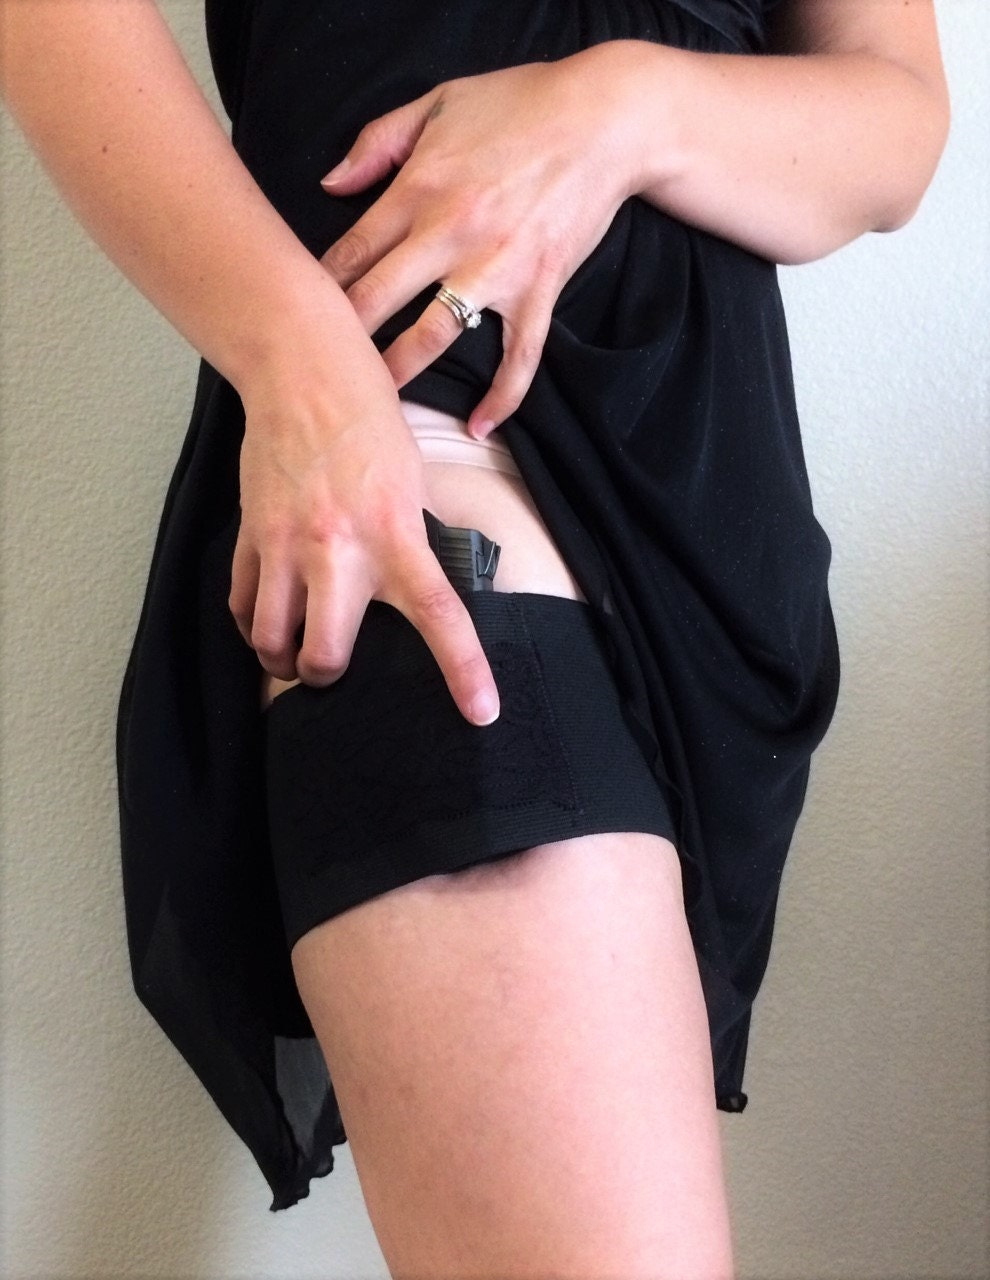 Womens Garter Concealed Carry Gun Holster